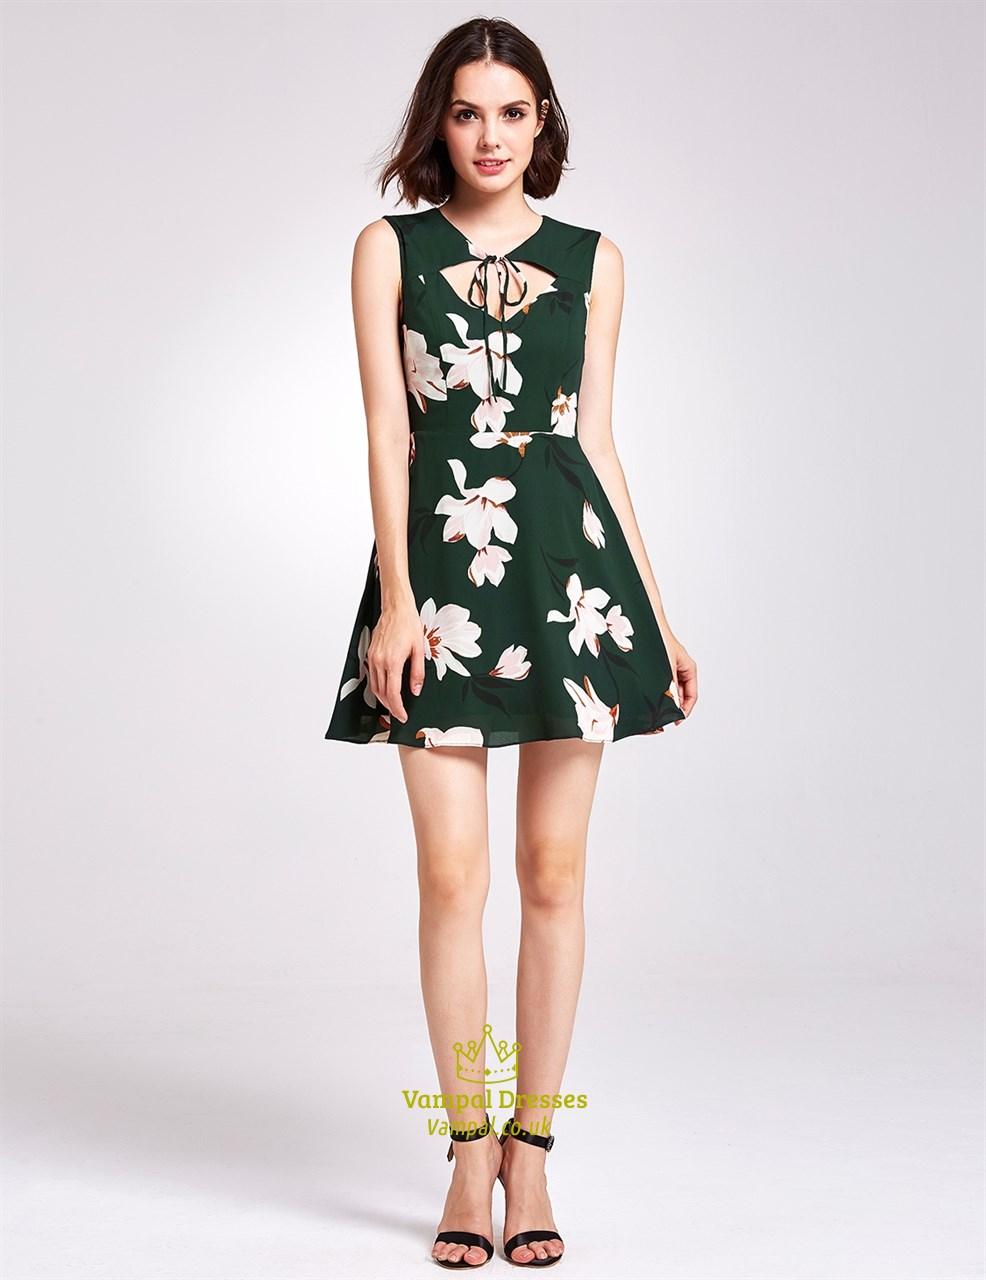 Fullsize Of Dark Green Dress